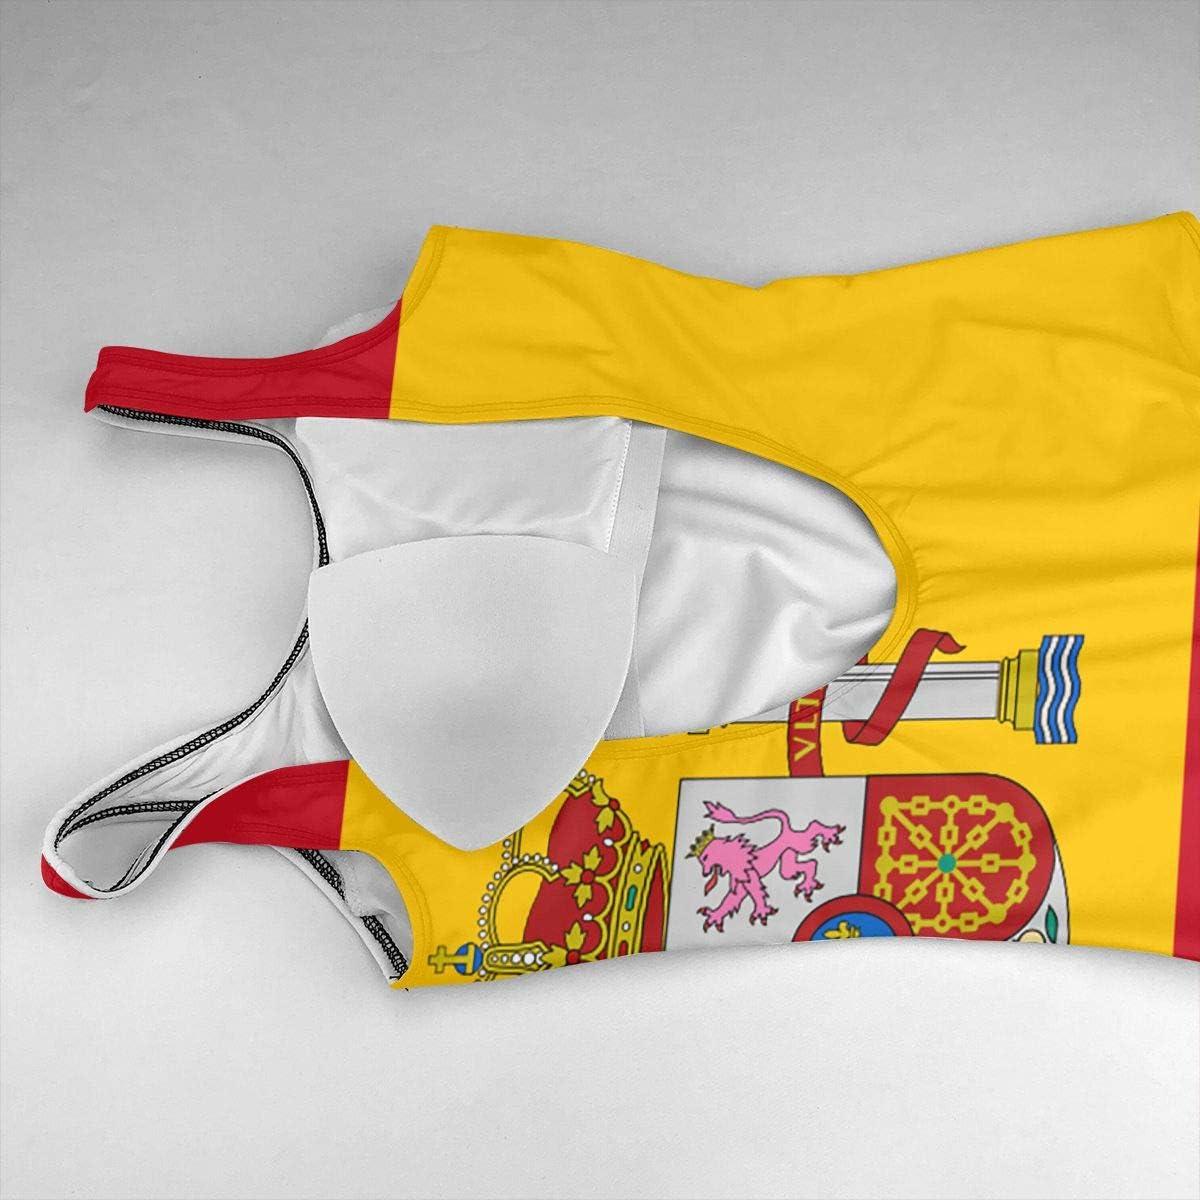 HZWMKJ Traje de baño de una Pieza con la Bandera de España y Monokini Sexy de Verano para Playa: Amazon.es: Jardín